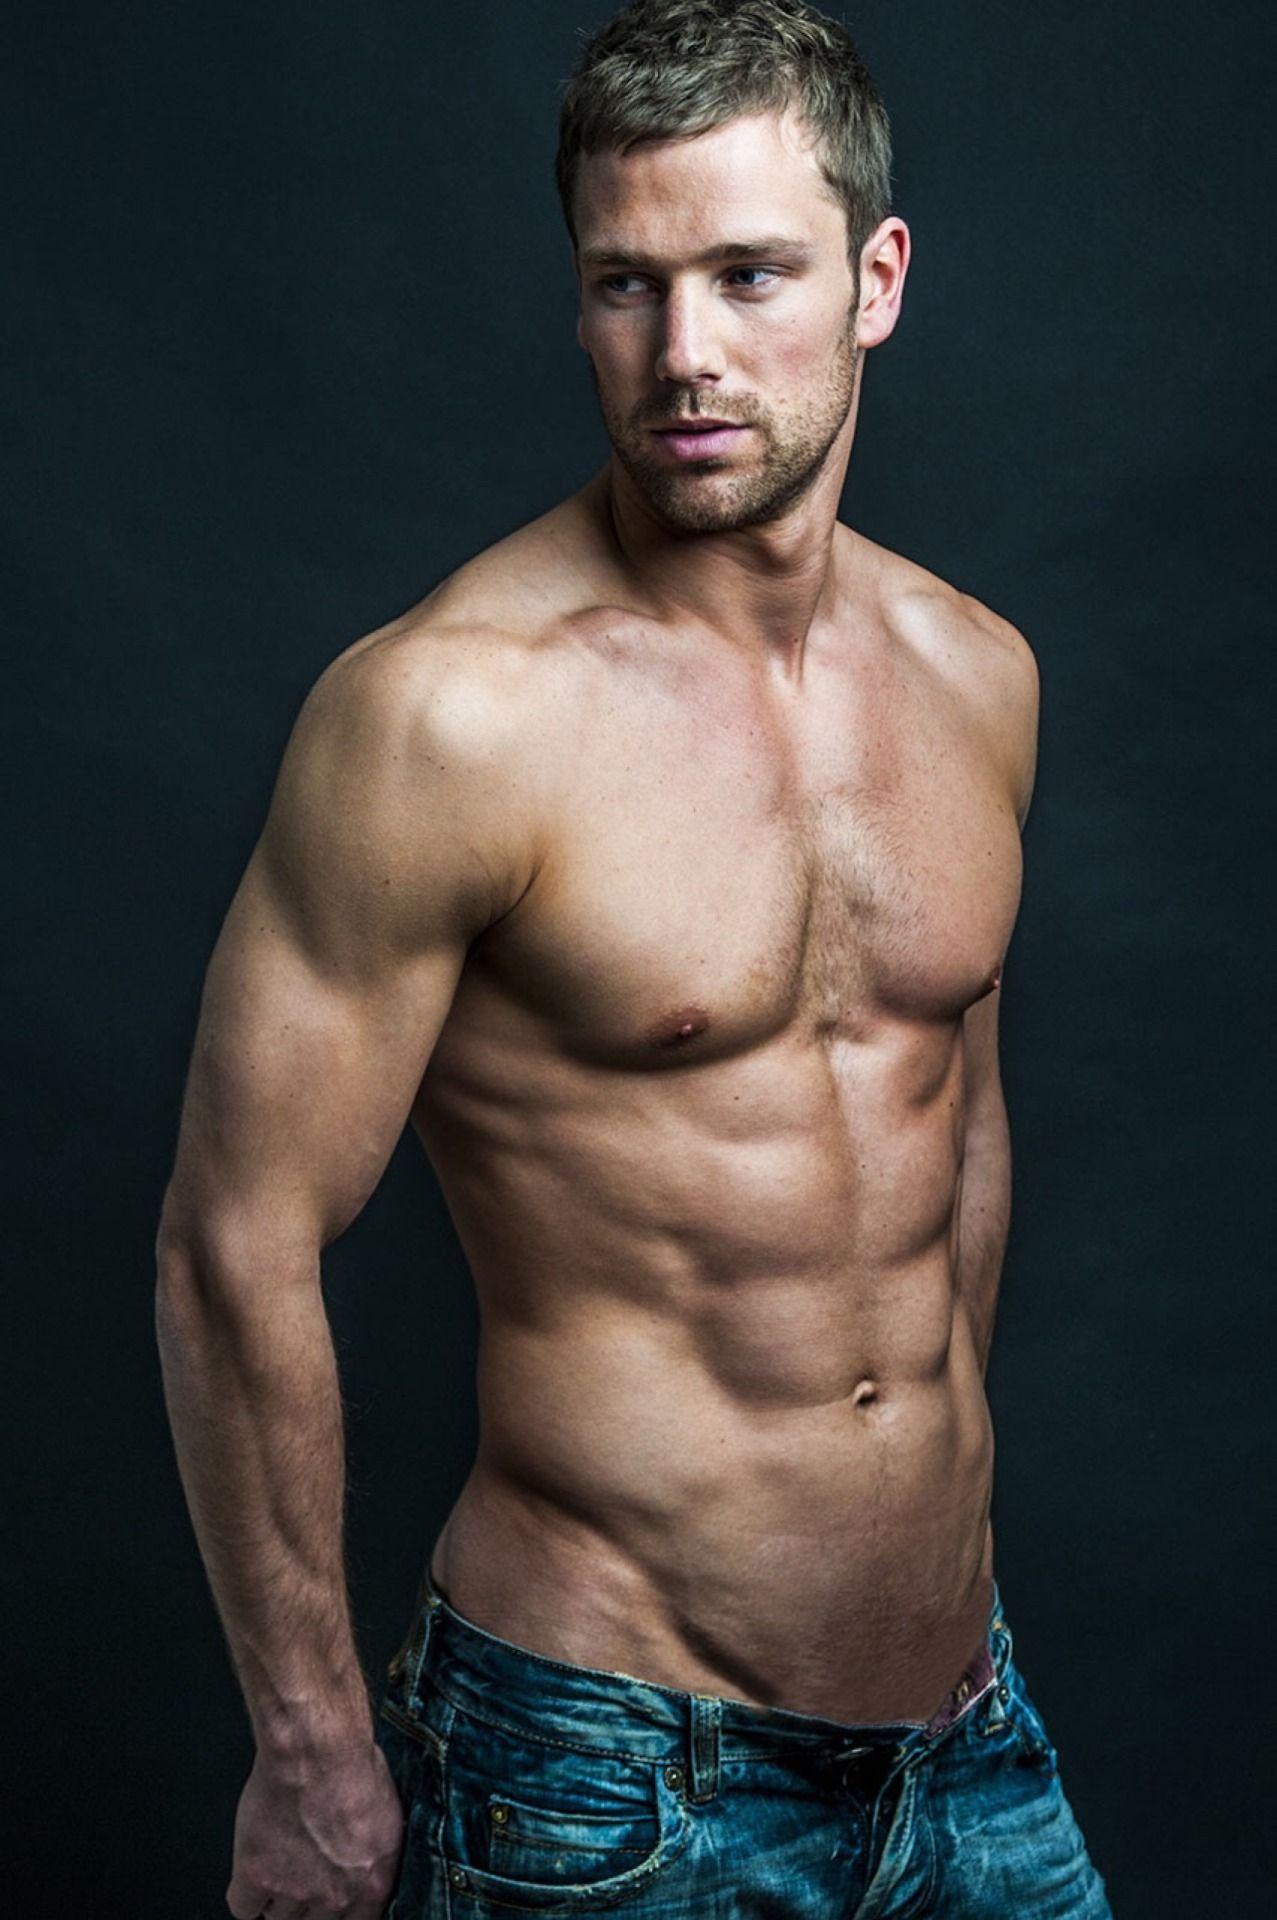 Haveyouconfessedbro  Muscular Men, Shirtless Men -9938